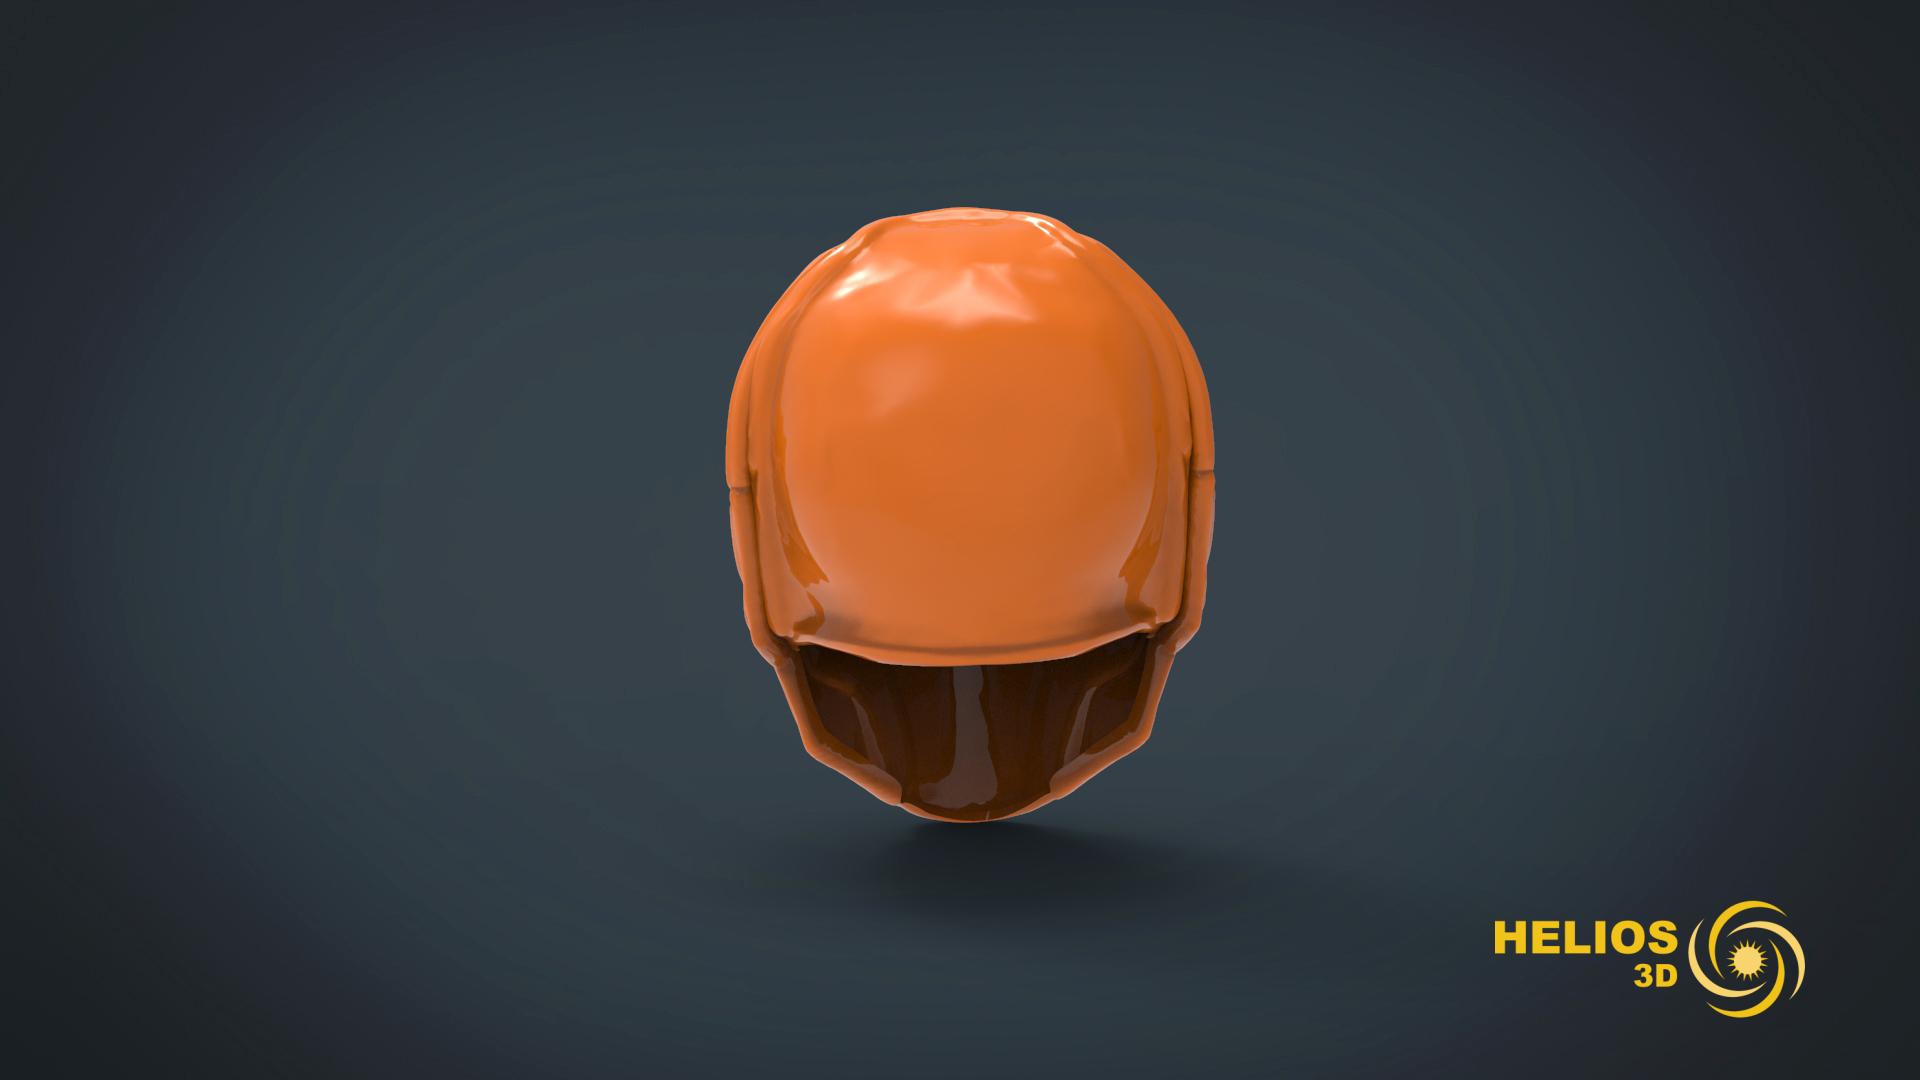 untitled.290.jpg Télécharger fichier STL gratuit Casque Deathstroke - portable grandeur nature • Objet pour imprimante 3D, Helios3D